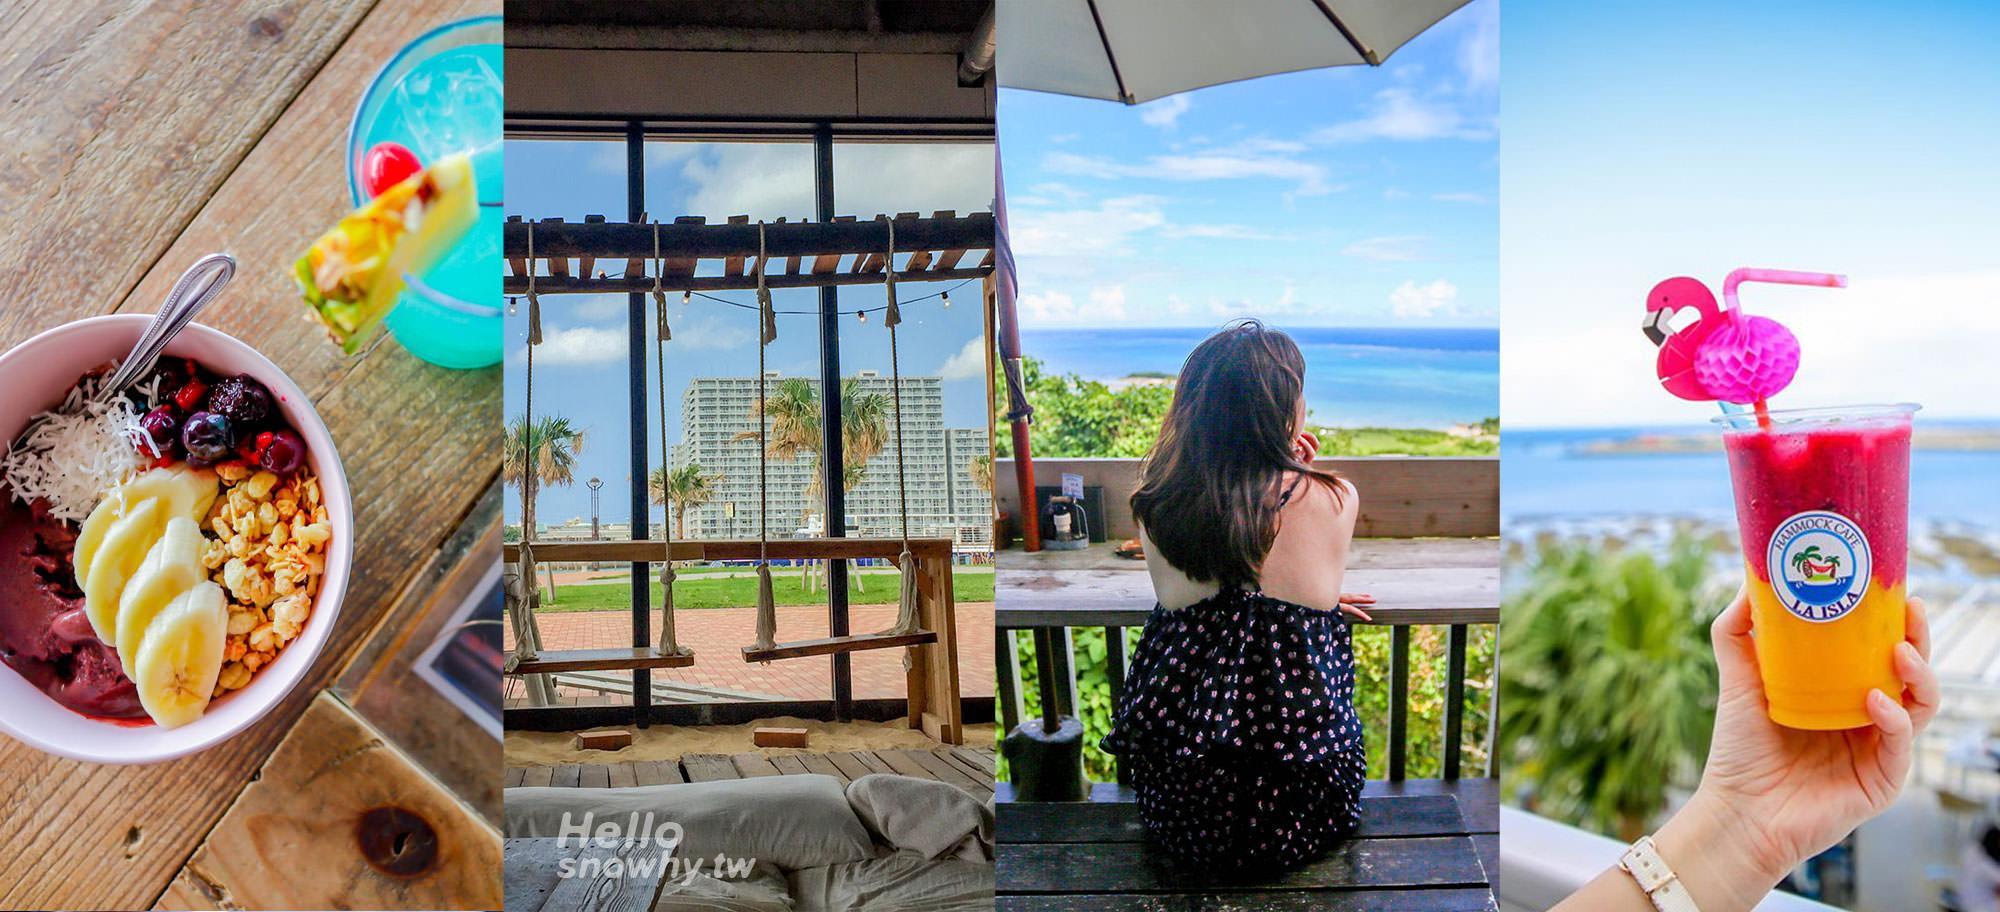 沖繩海景咖啡廳6選!沖繩必去打卡點/景觀餐廳,無敵海景超療癒!